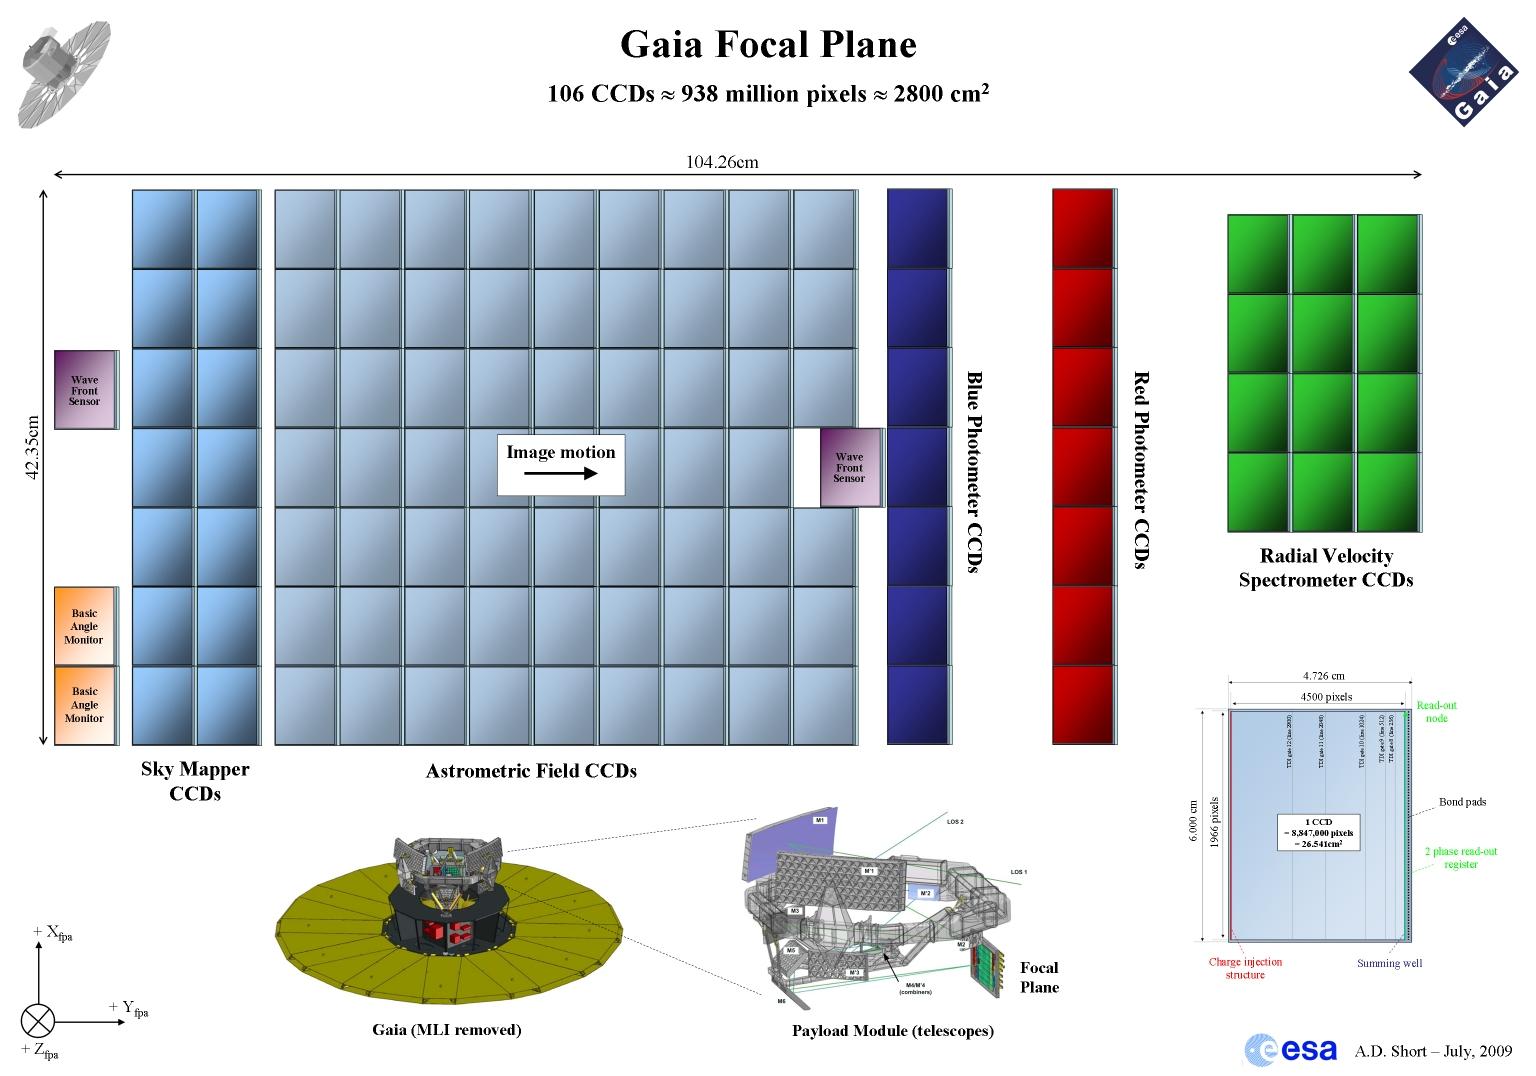 1567217381154-Gaia-focal-plane_20090720_small.jpg